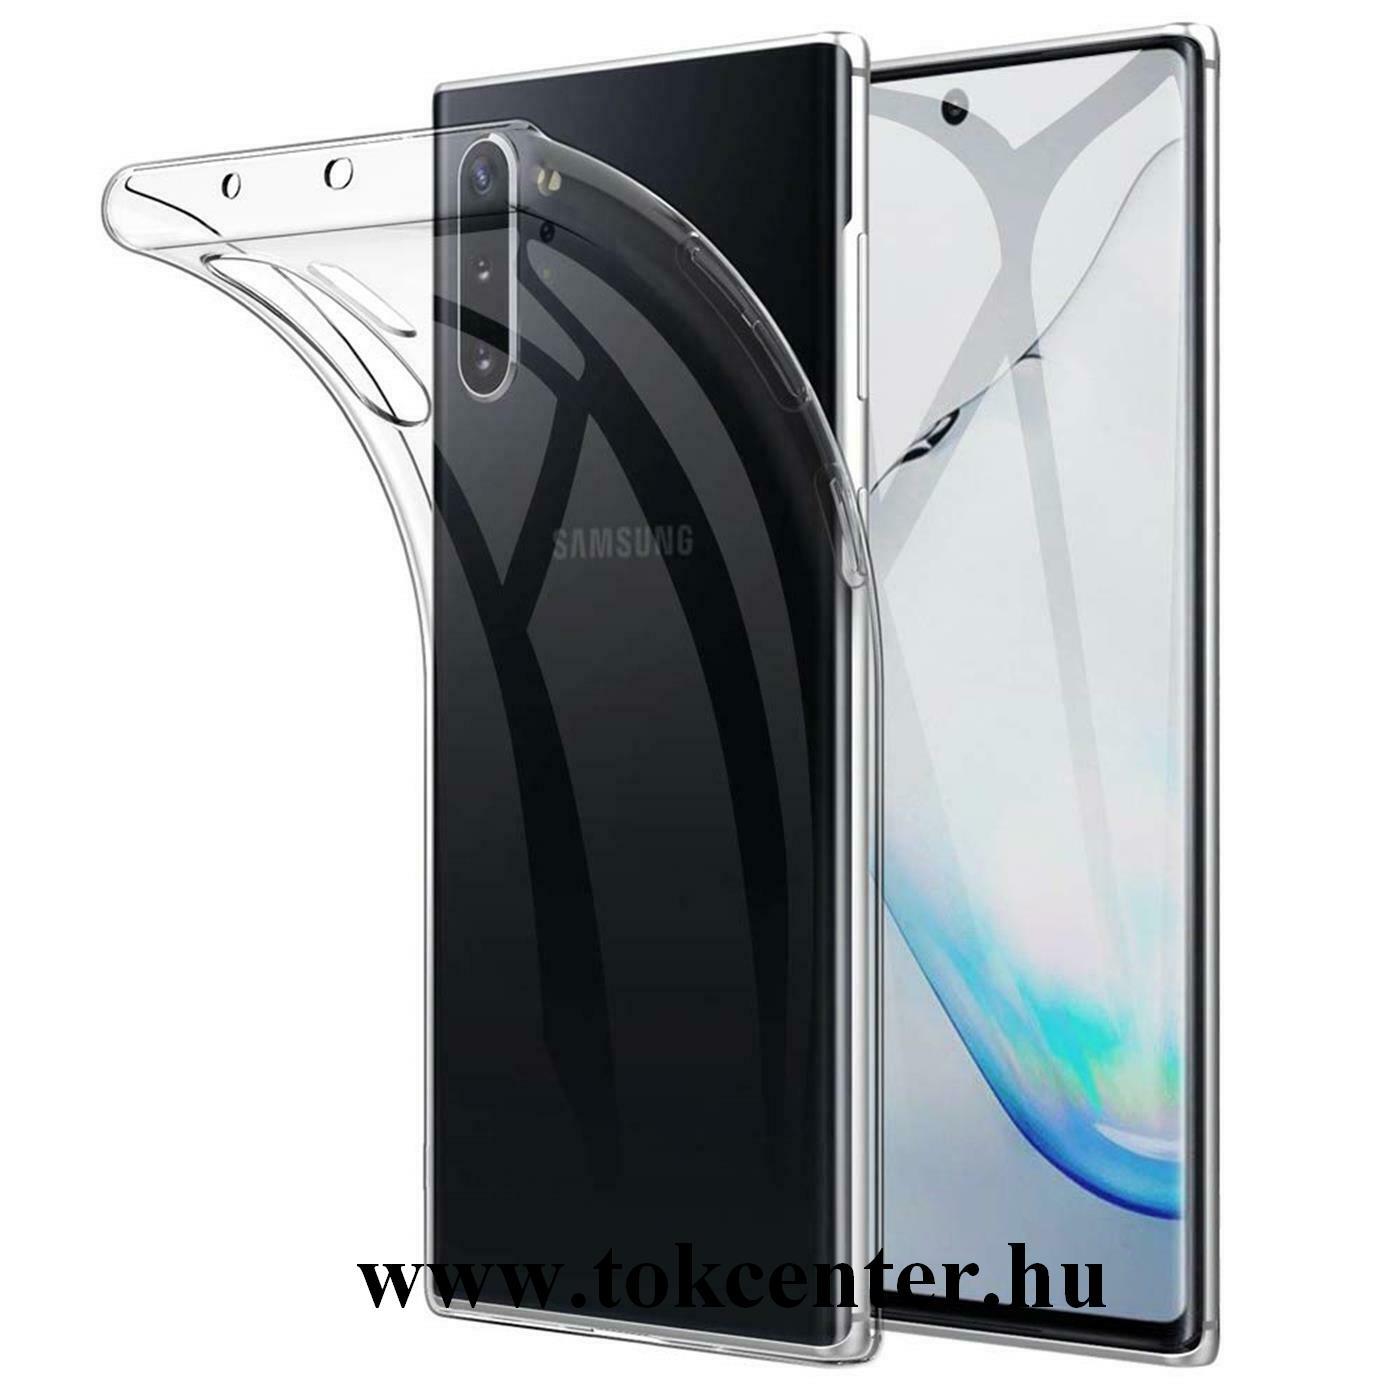 Samsung Galaxy Note 10 Plus Szilikon telefonvédő (ultravékony) ÁTLÁTSZÓ